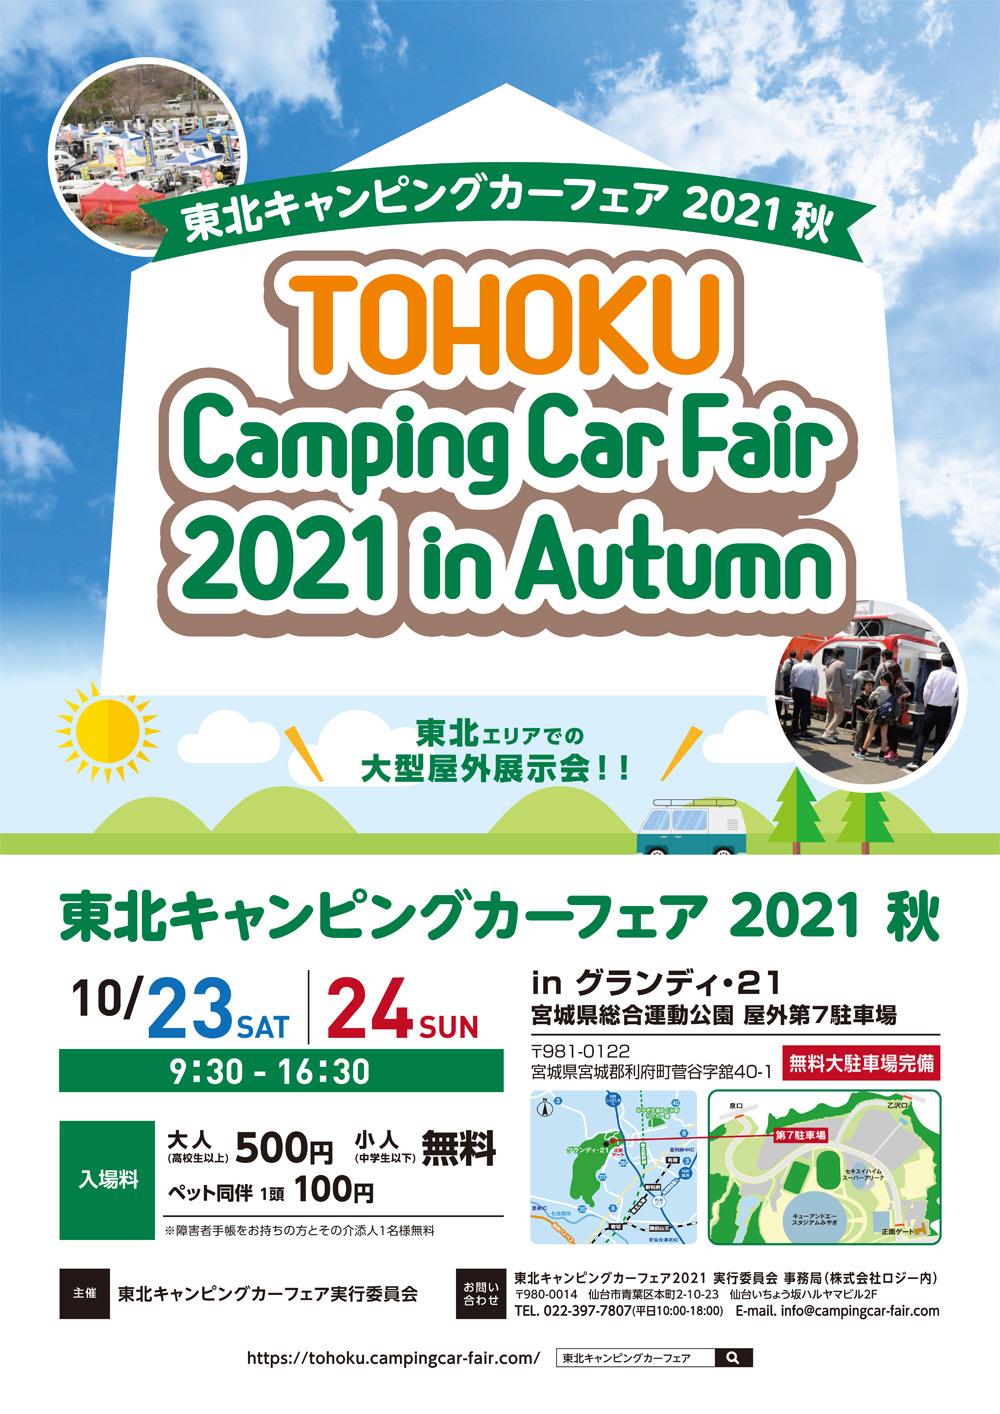 東北キャンピングカーフェア2021in秋